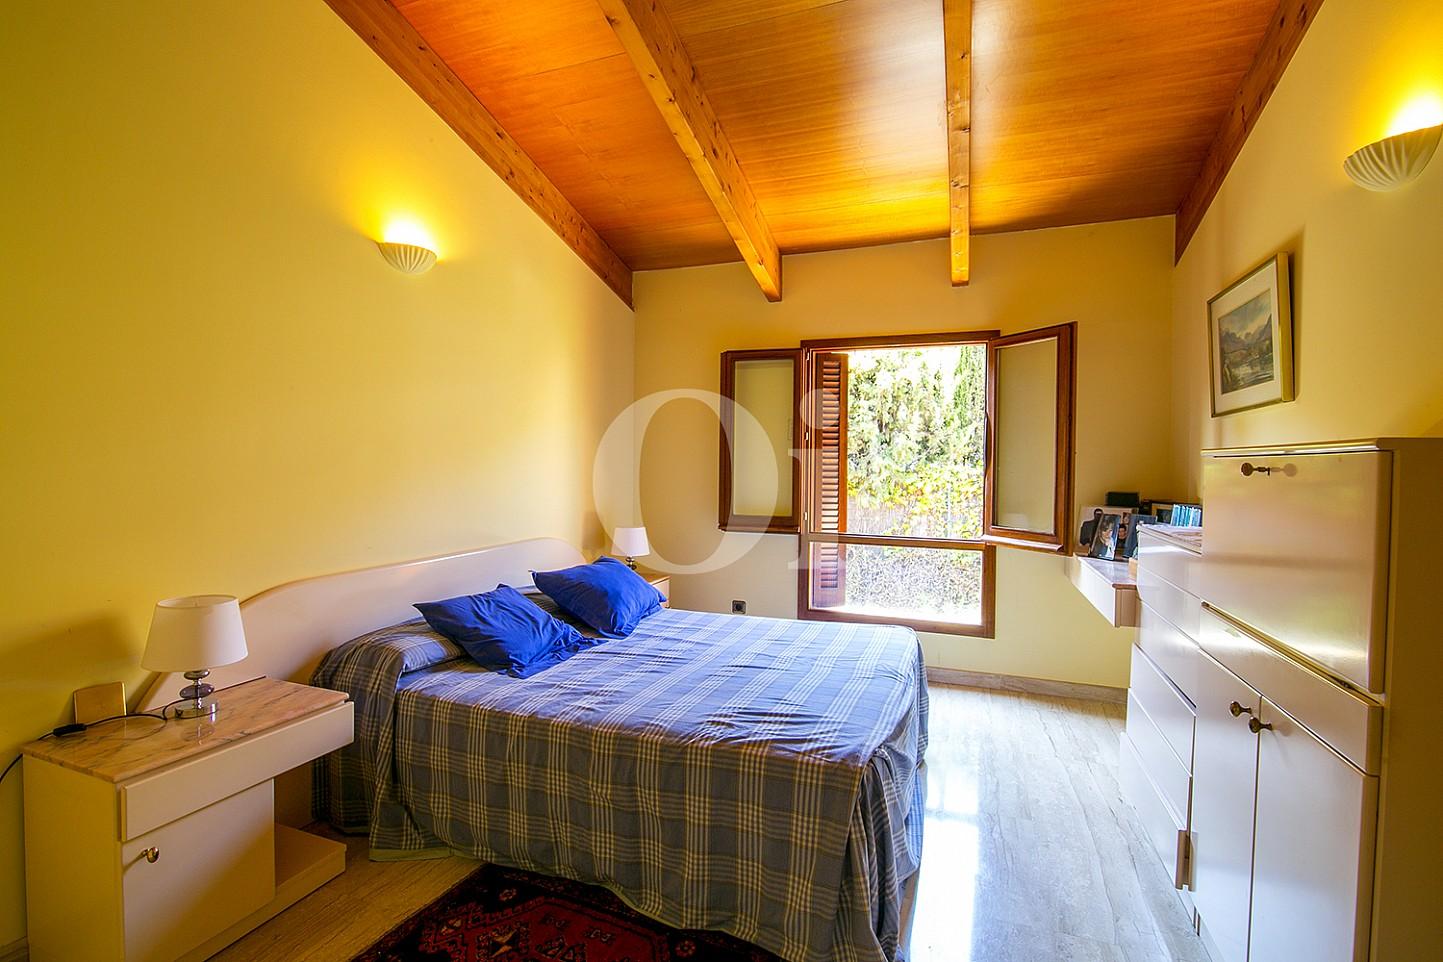 Luminosa habitación doble con cama matrimonial y vistas exteriores en casa en venta en Teià